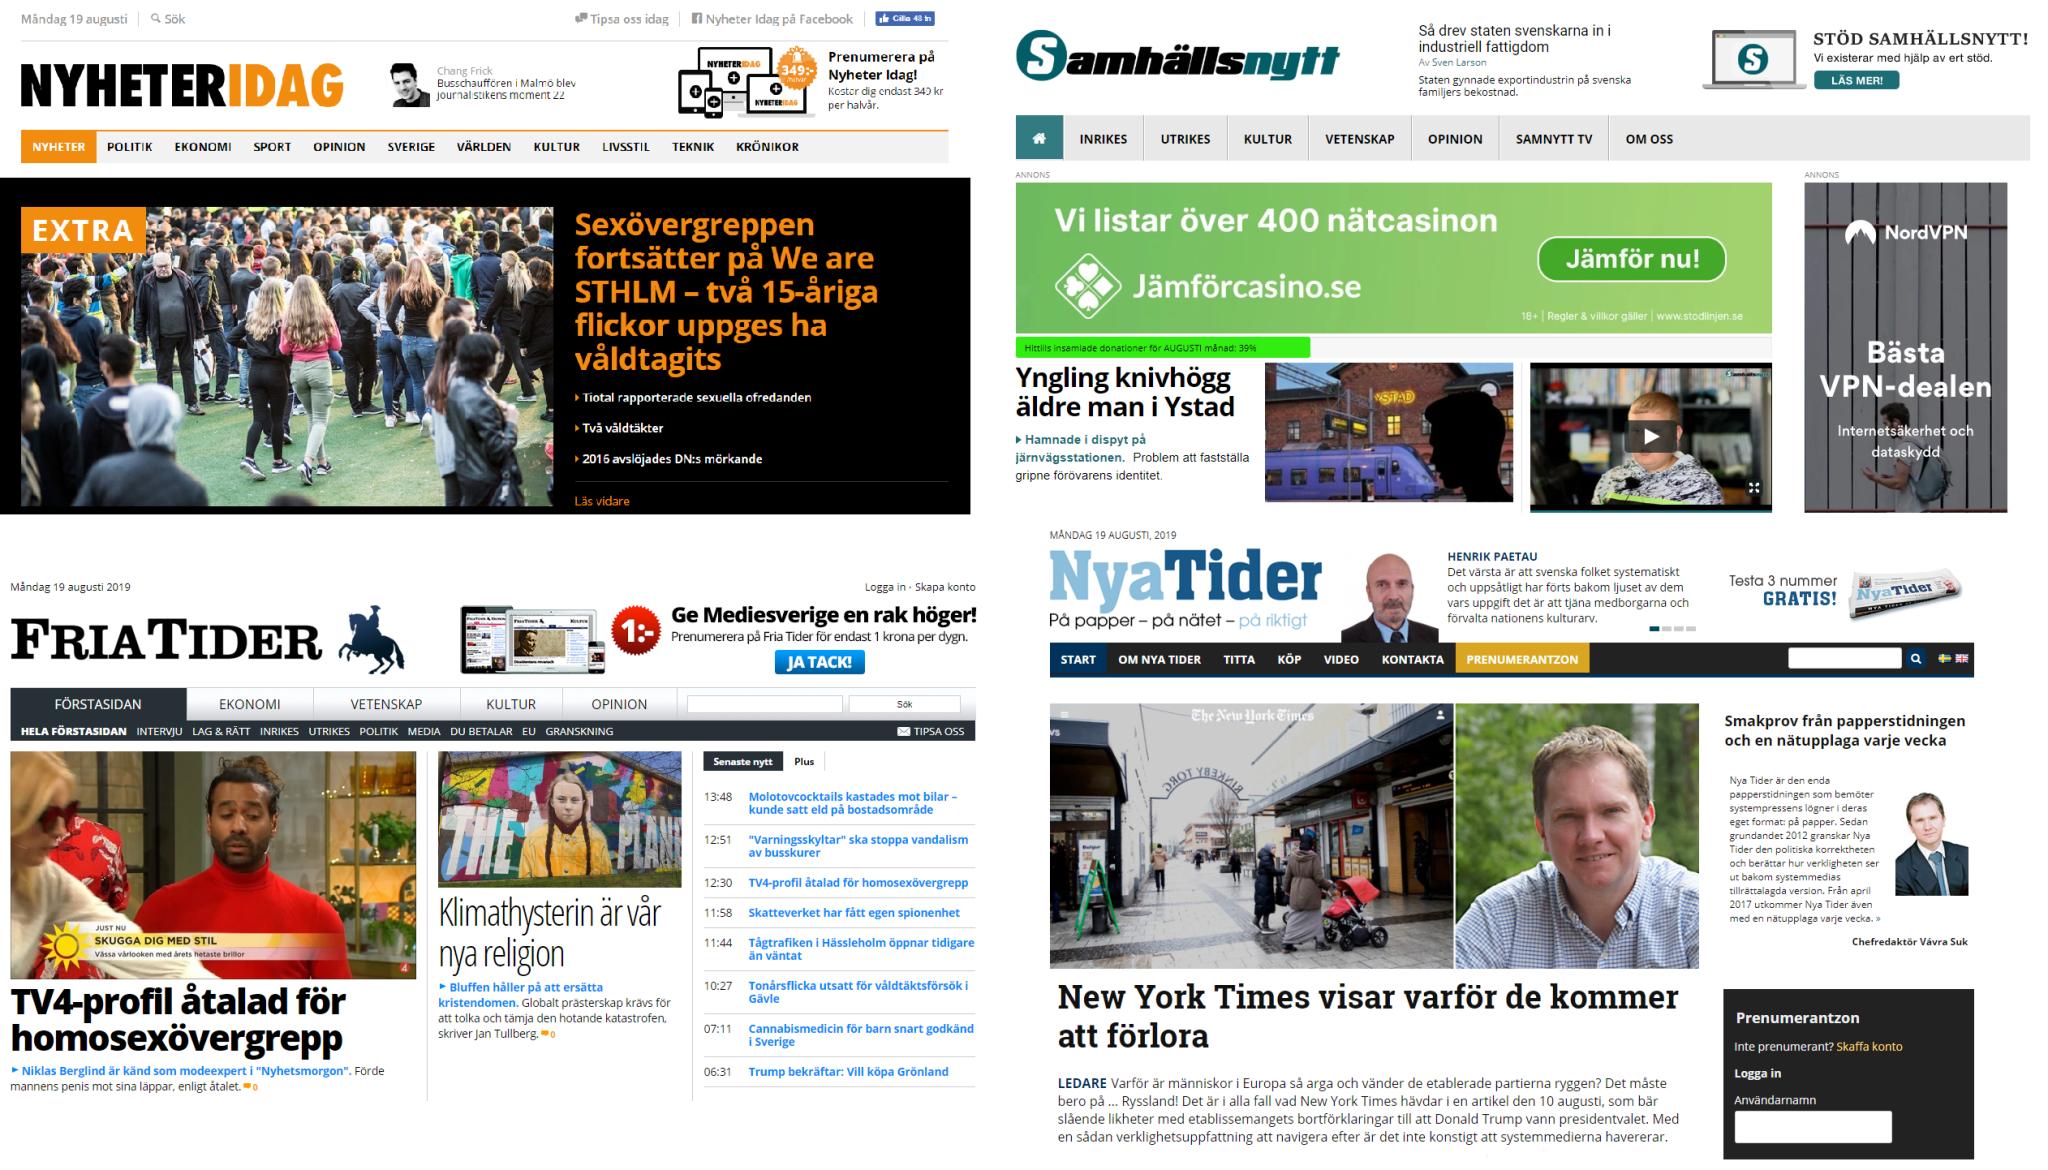 Przekaz prawicowych portali pomaga Szwedzkim Demokratom zdobywać popularność